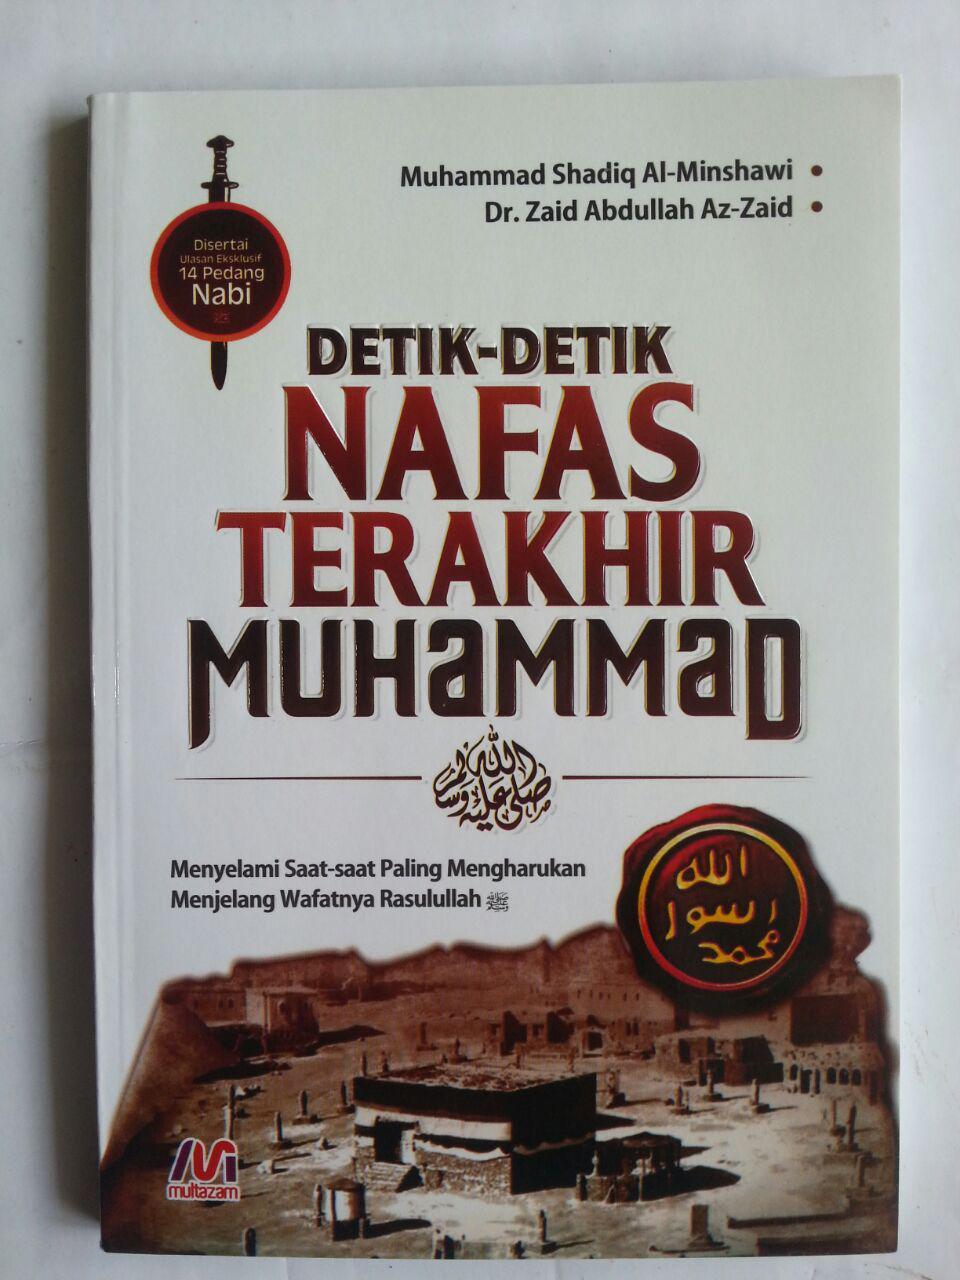 Buku Detik-Detik Nafas Terakhir Muhammad Saat Paling Mengharukan cover